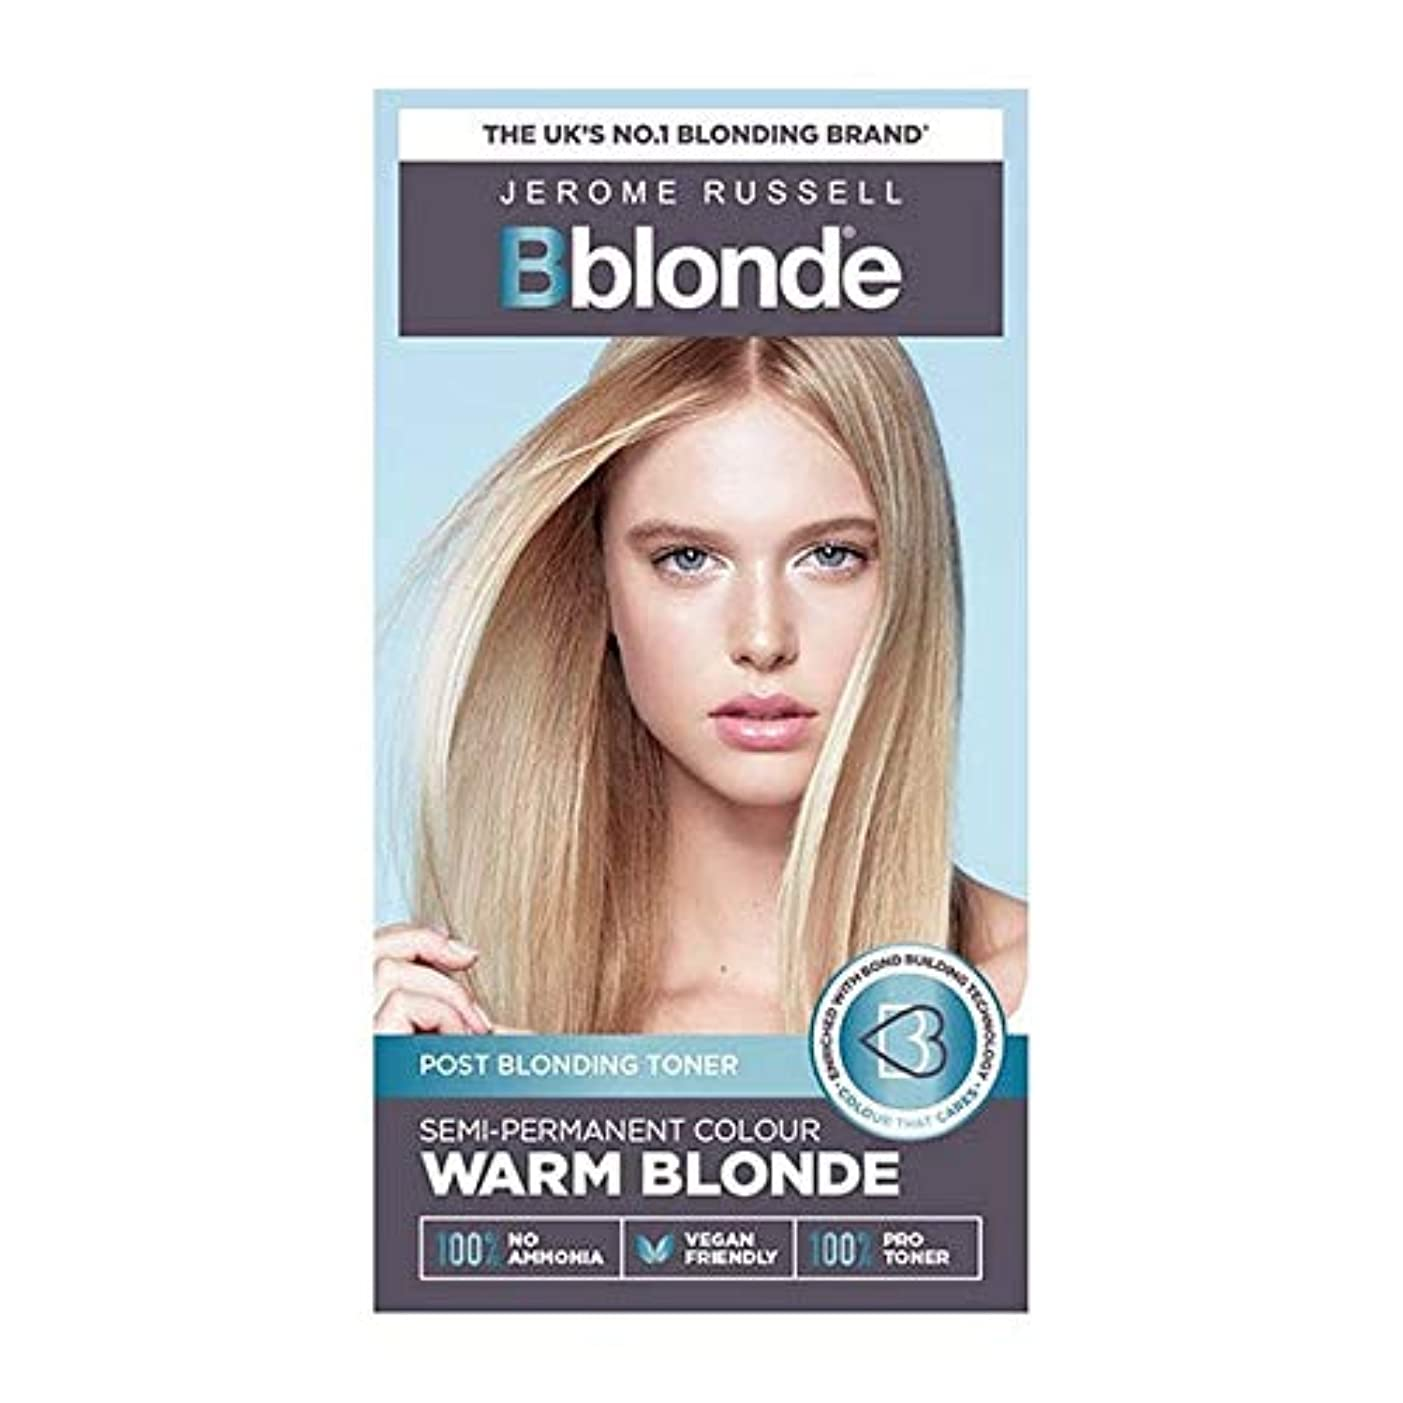 単独でフロンティア解説[Jerome Russell ] ジェロームラッセルBblonde半恒久的なトナー暖かいブロンド - Jerome Russell Bblonde Semi Permanent Toner Warm Blonde [並行輸入品]